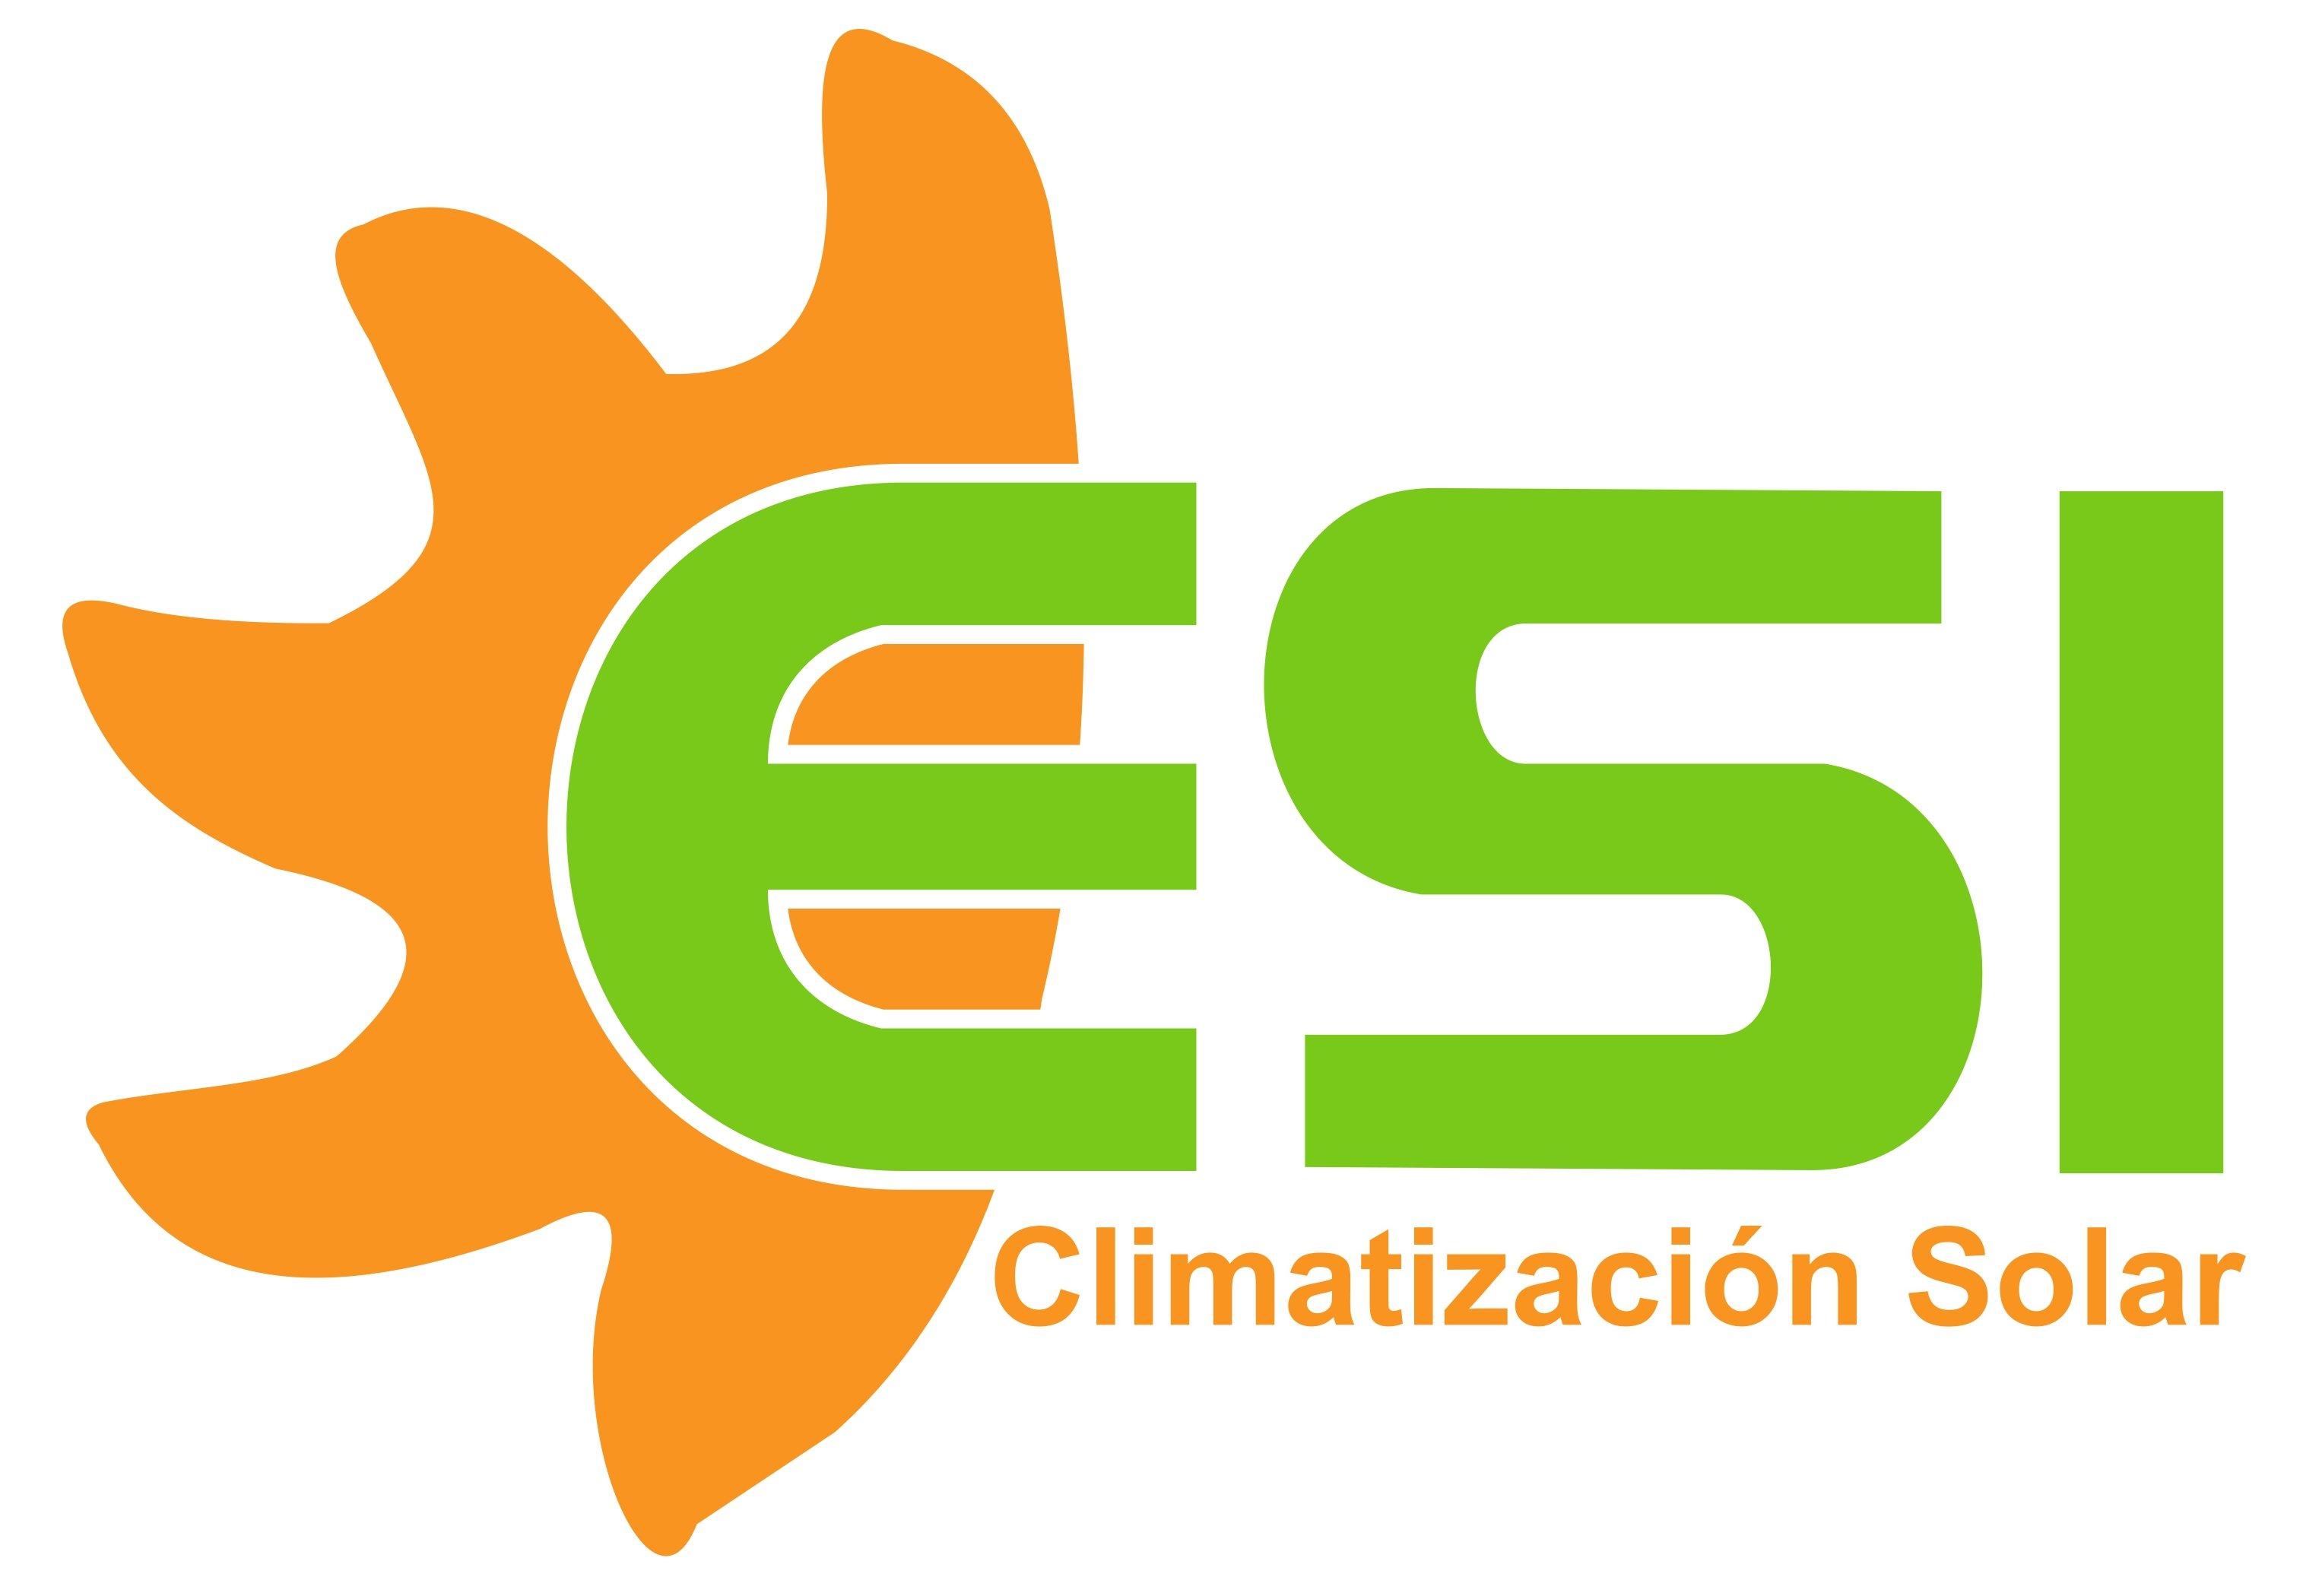 Emisiones CO2 evitadas por Energía Solar Innovación en junio de 2012